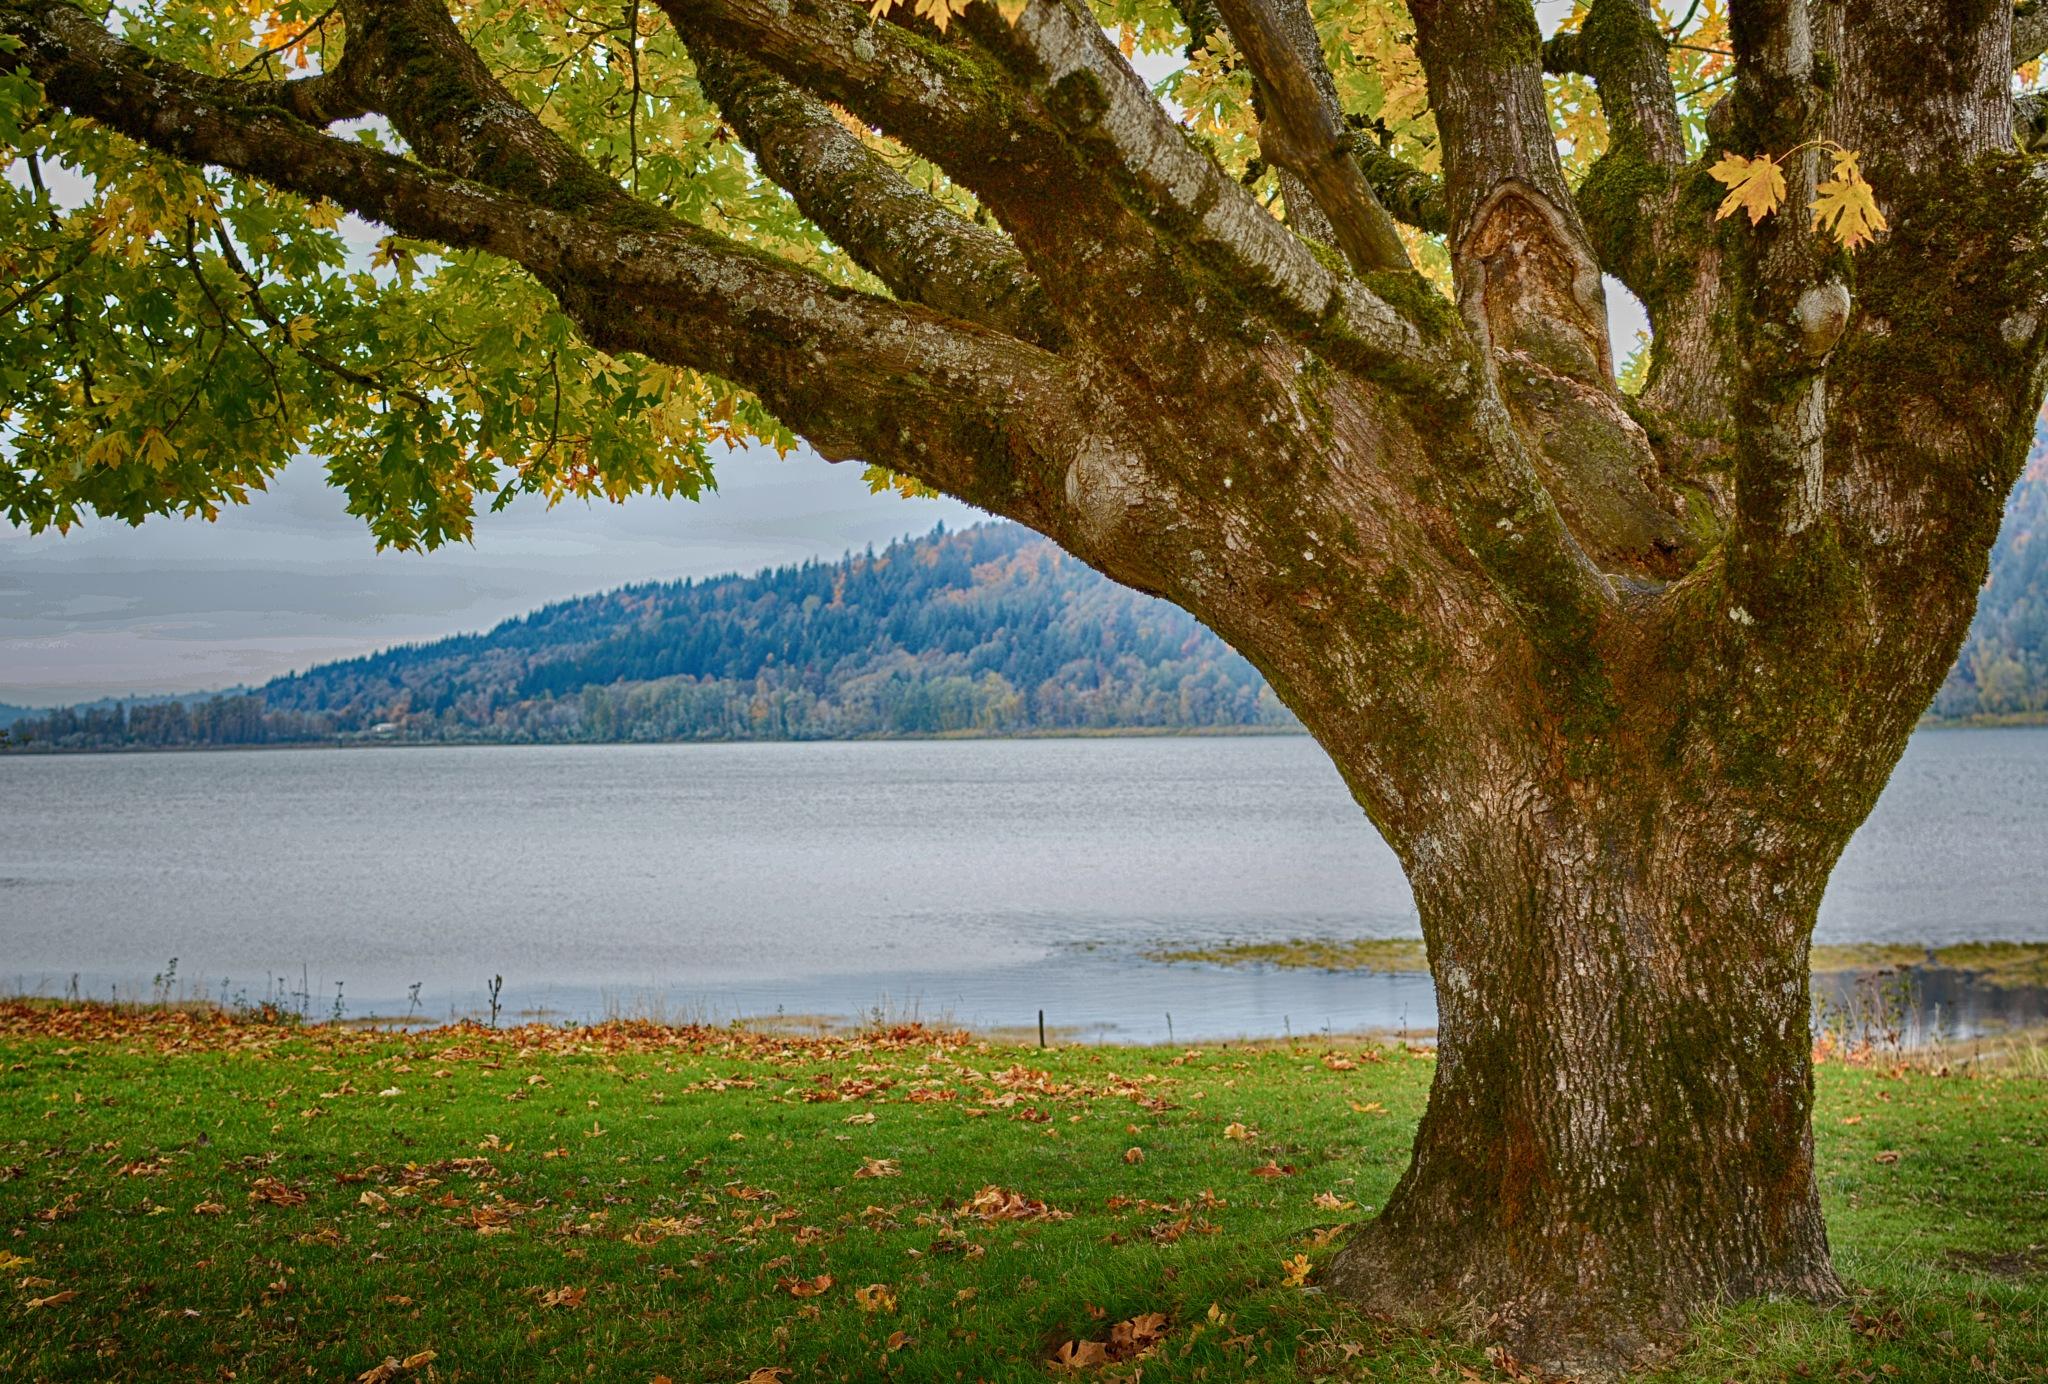 Tree by karmel